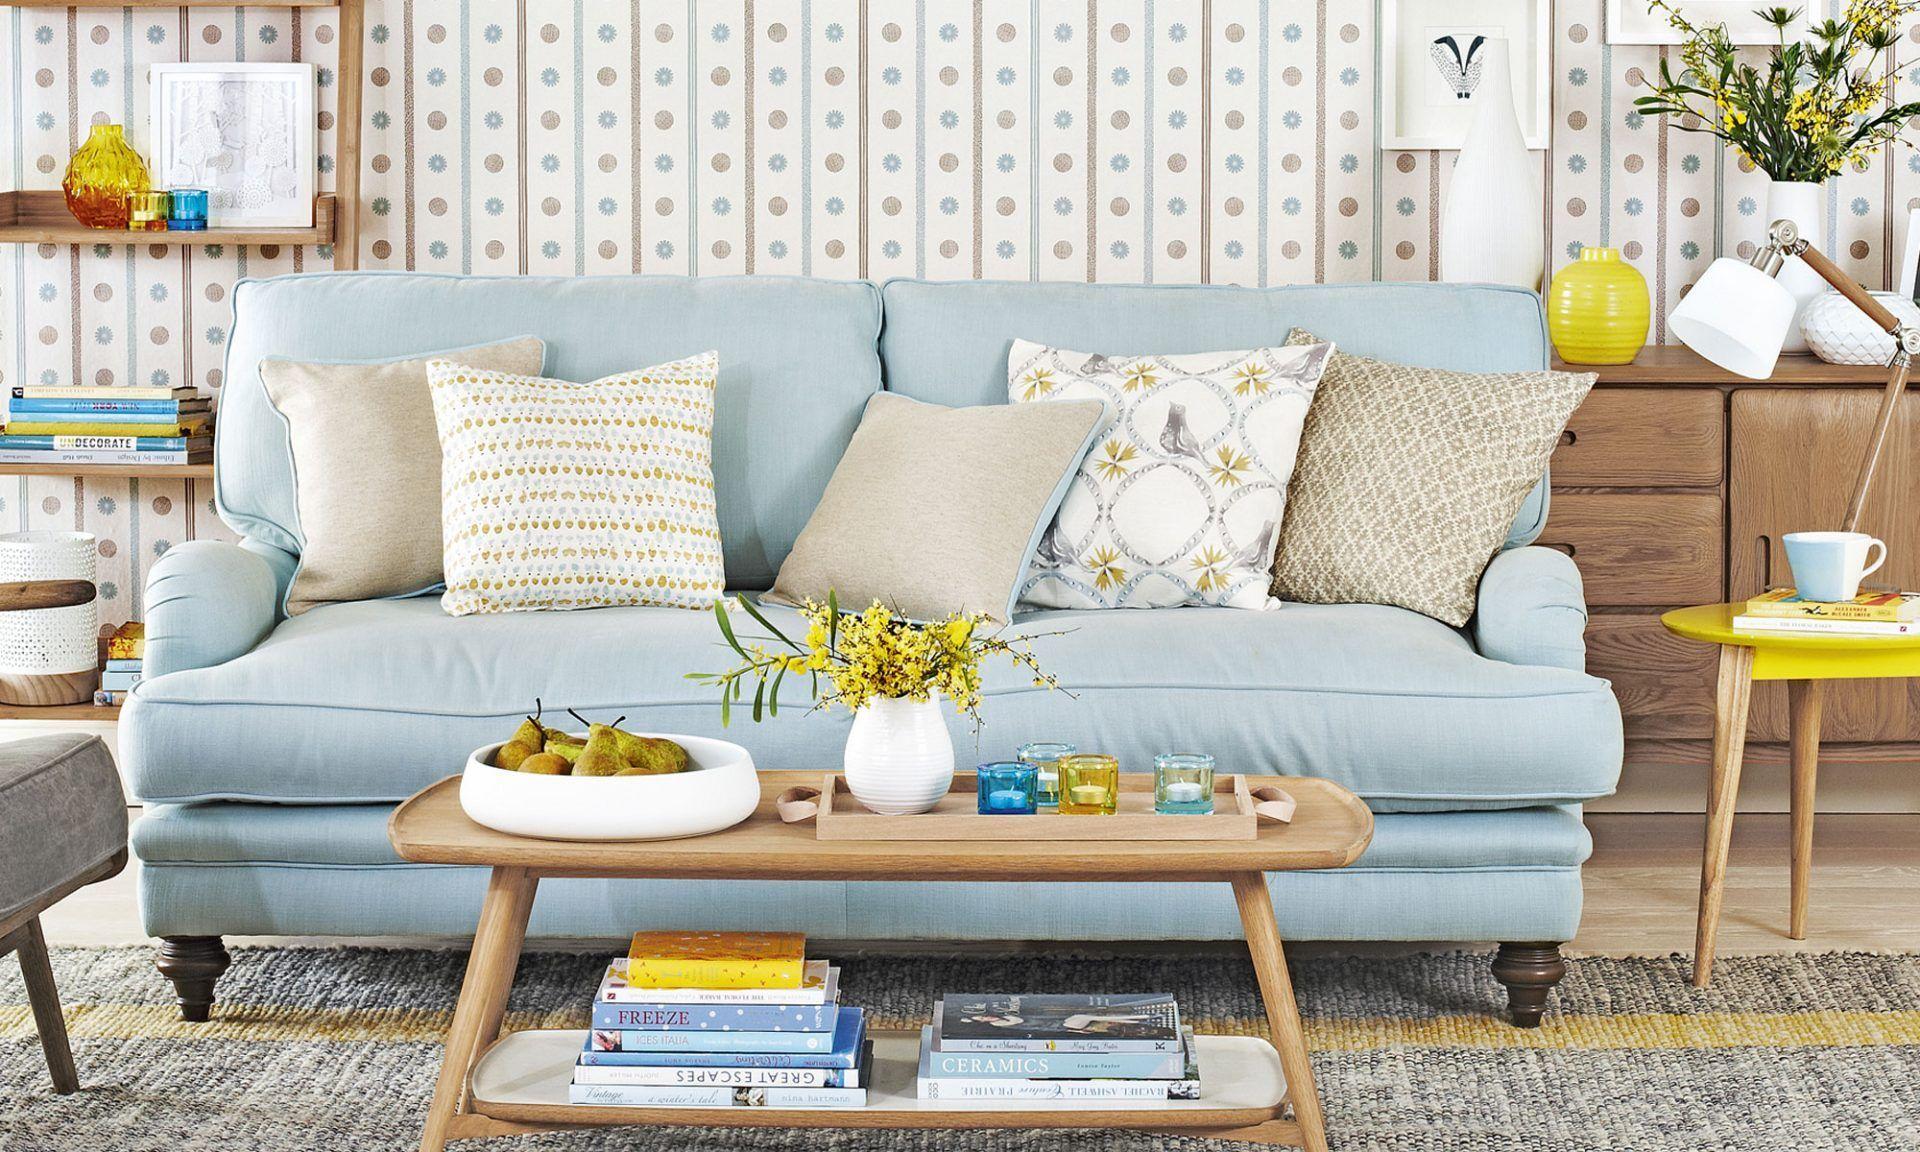 #Summerdecoratingideasforlivingroom